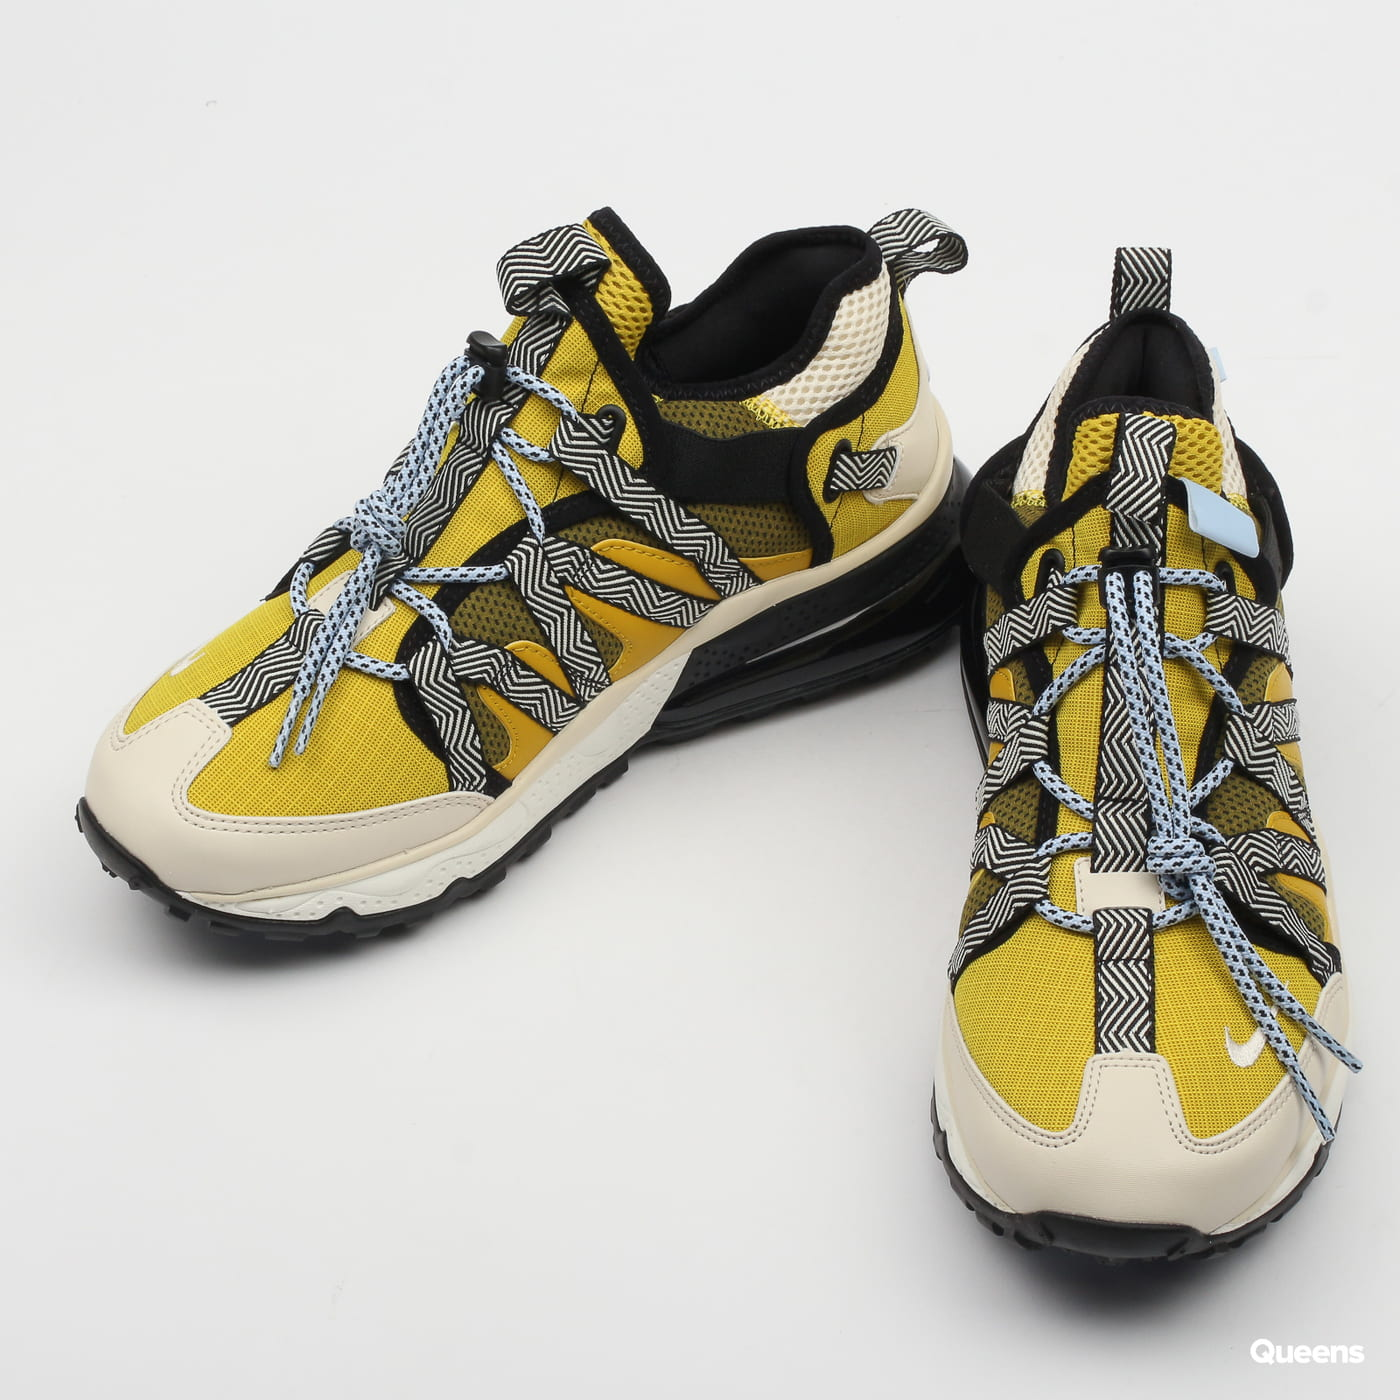 Nike Air Max 270 Bowfin dark citron light cream